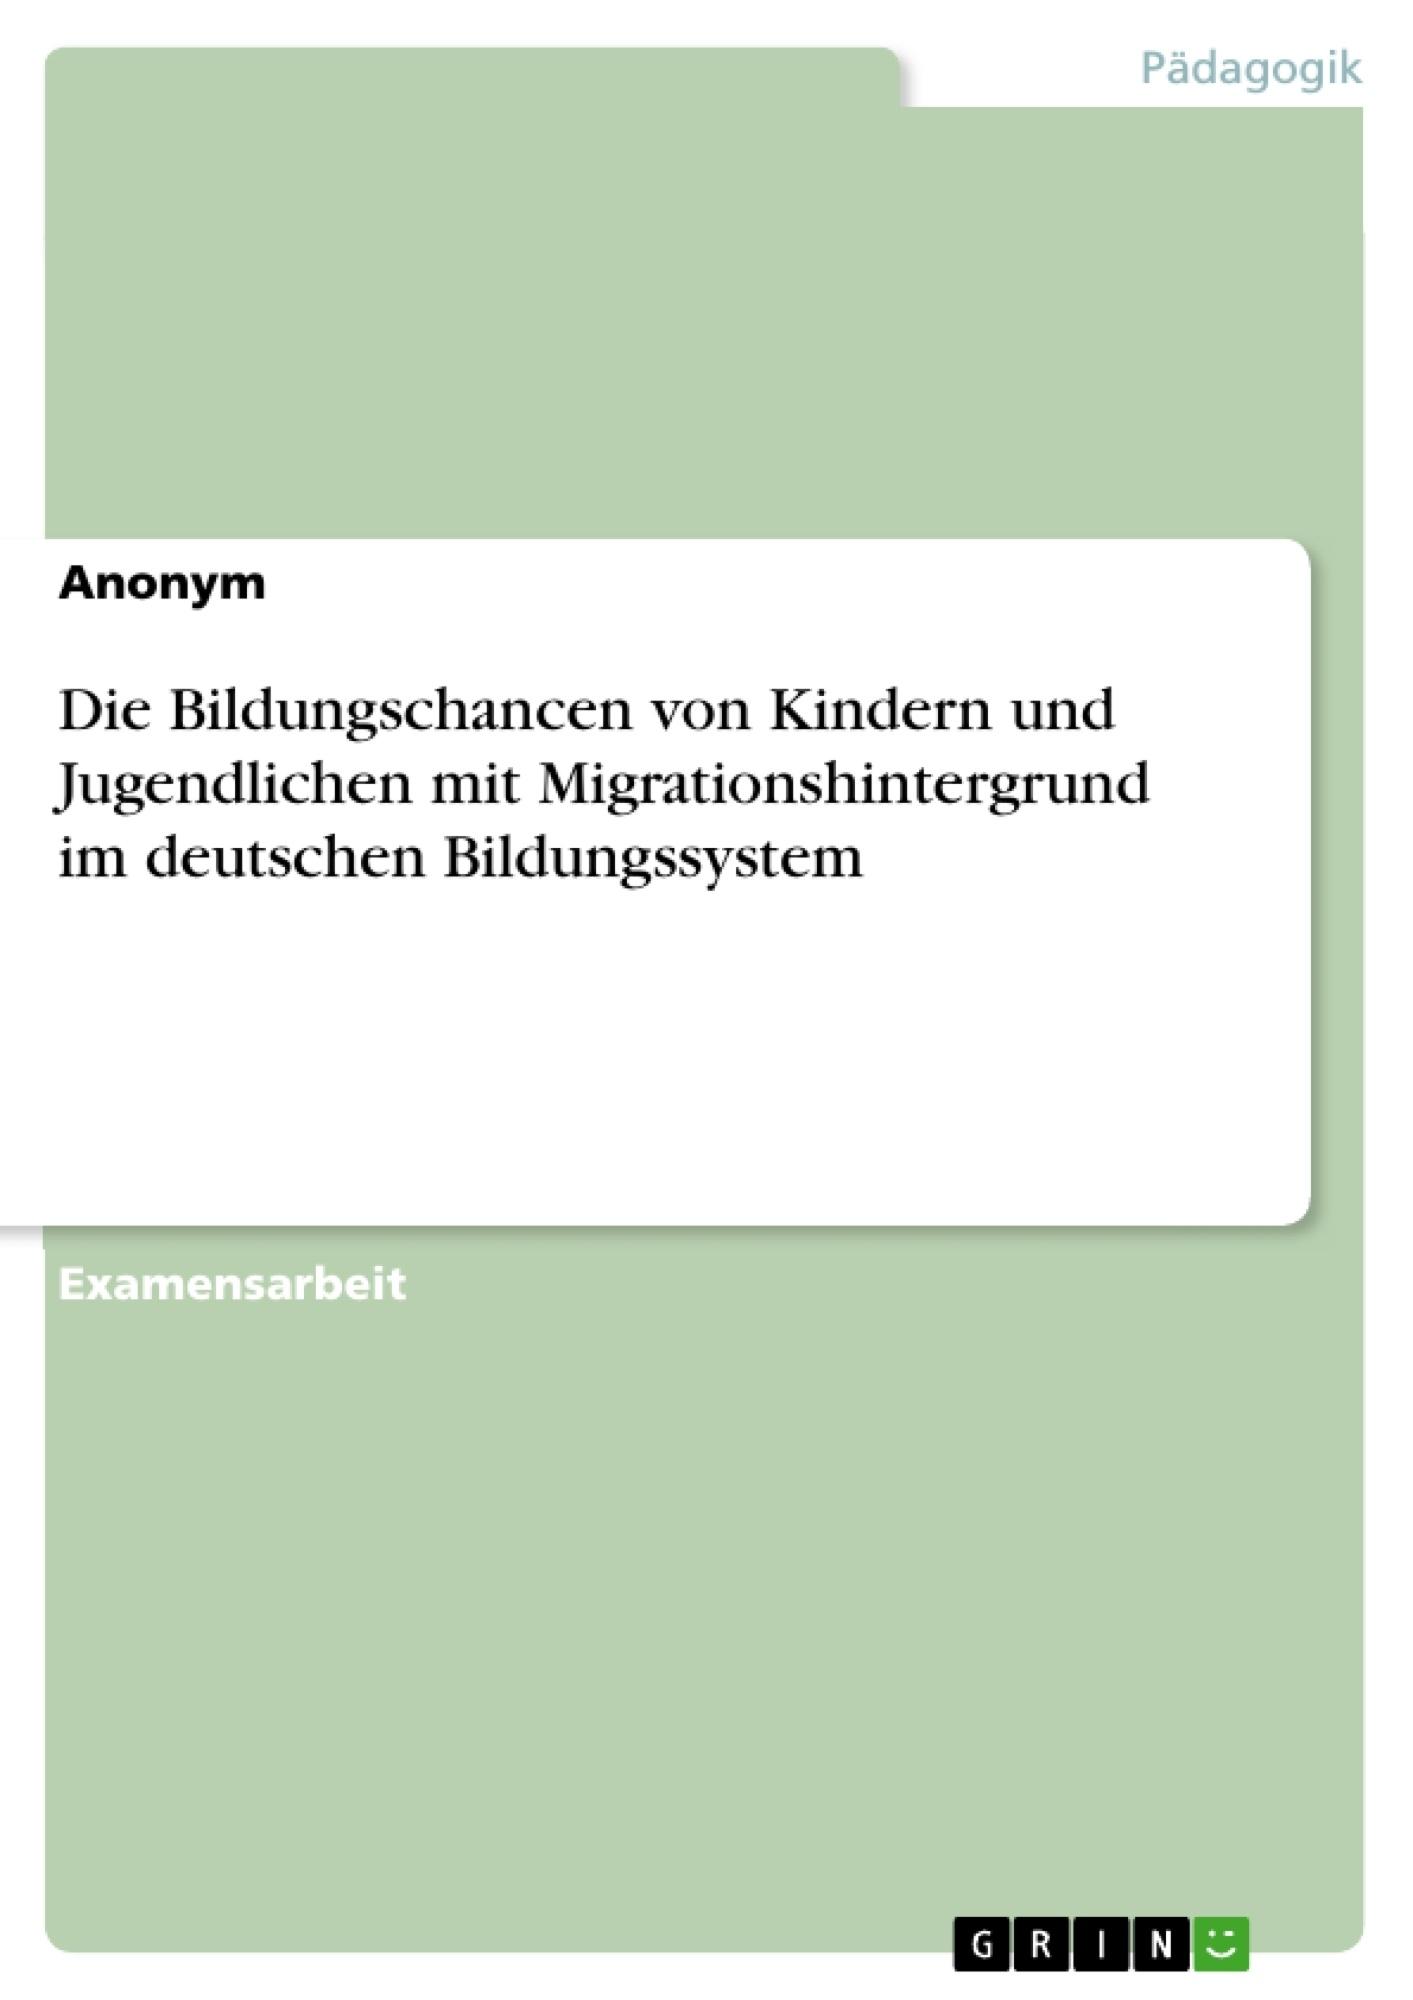 Titel: Die Bildungschancen von Kindern und Jugendlichen mit Migrationshintergrund im deutschen Bildungssystem